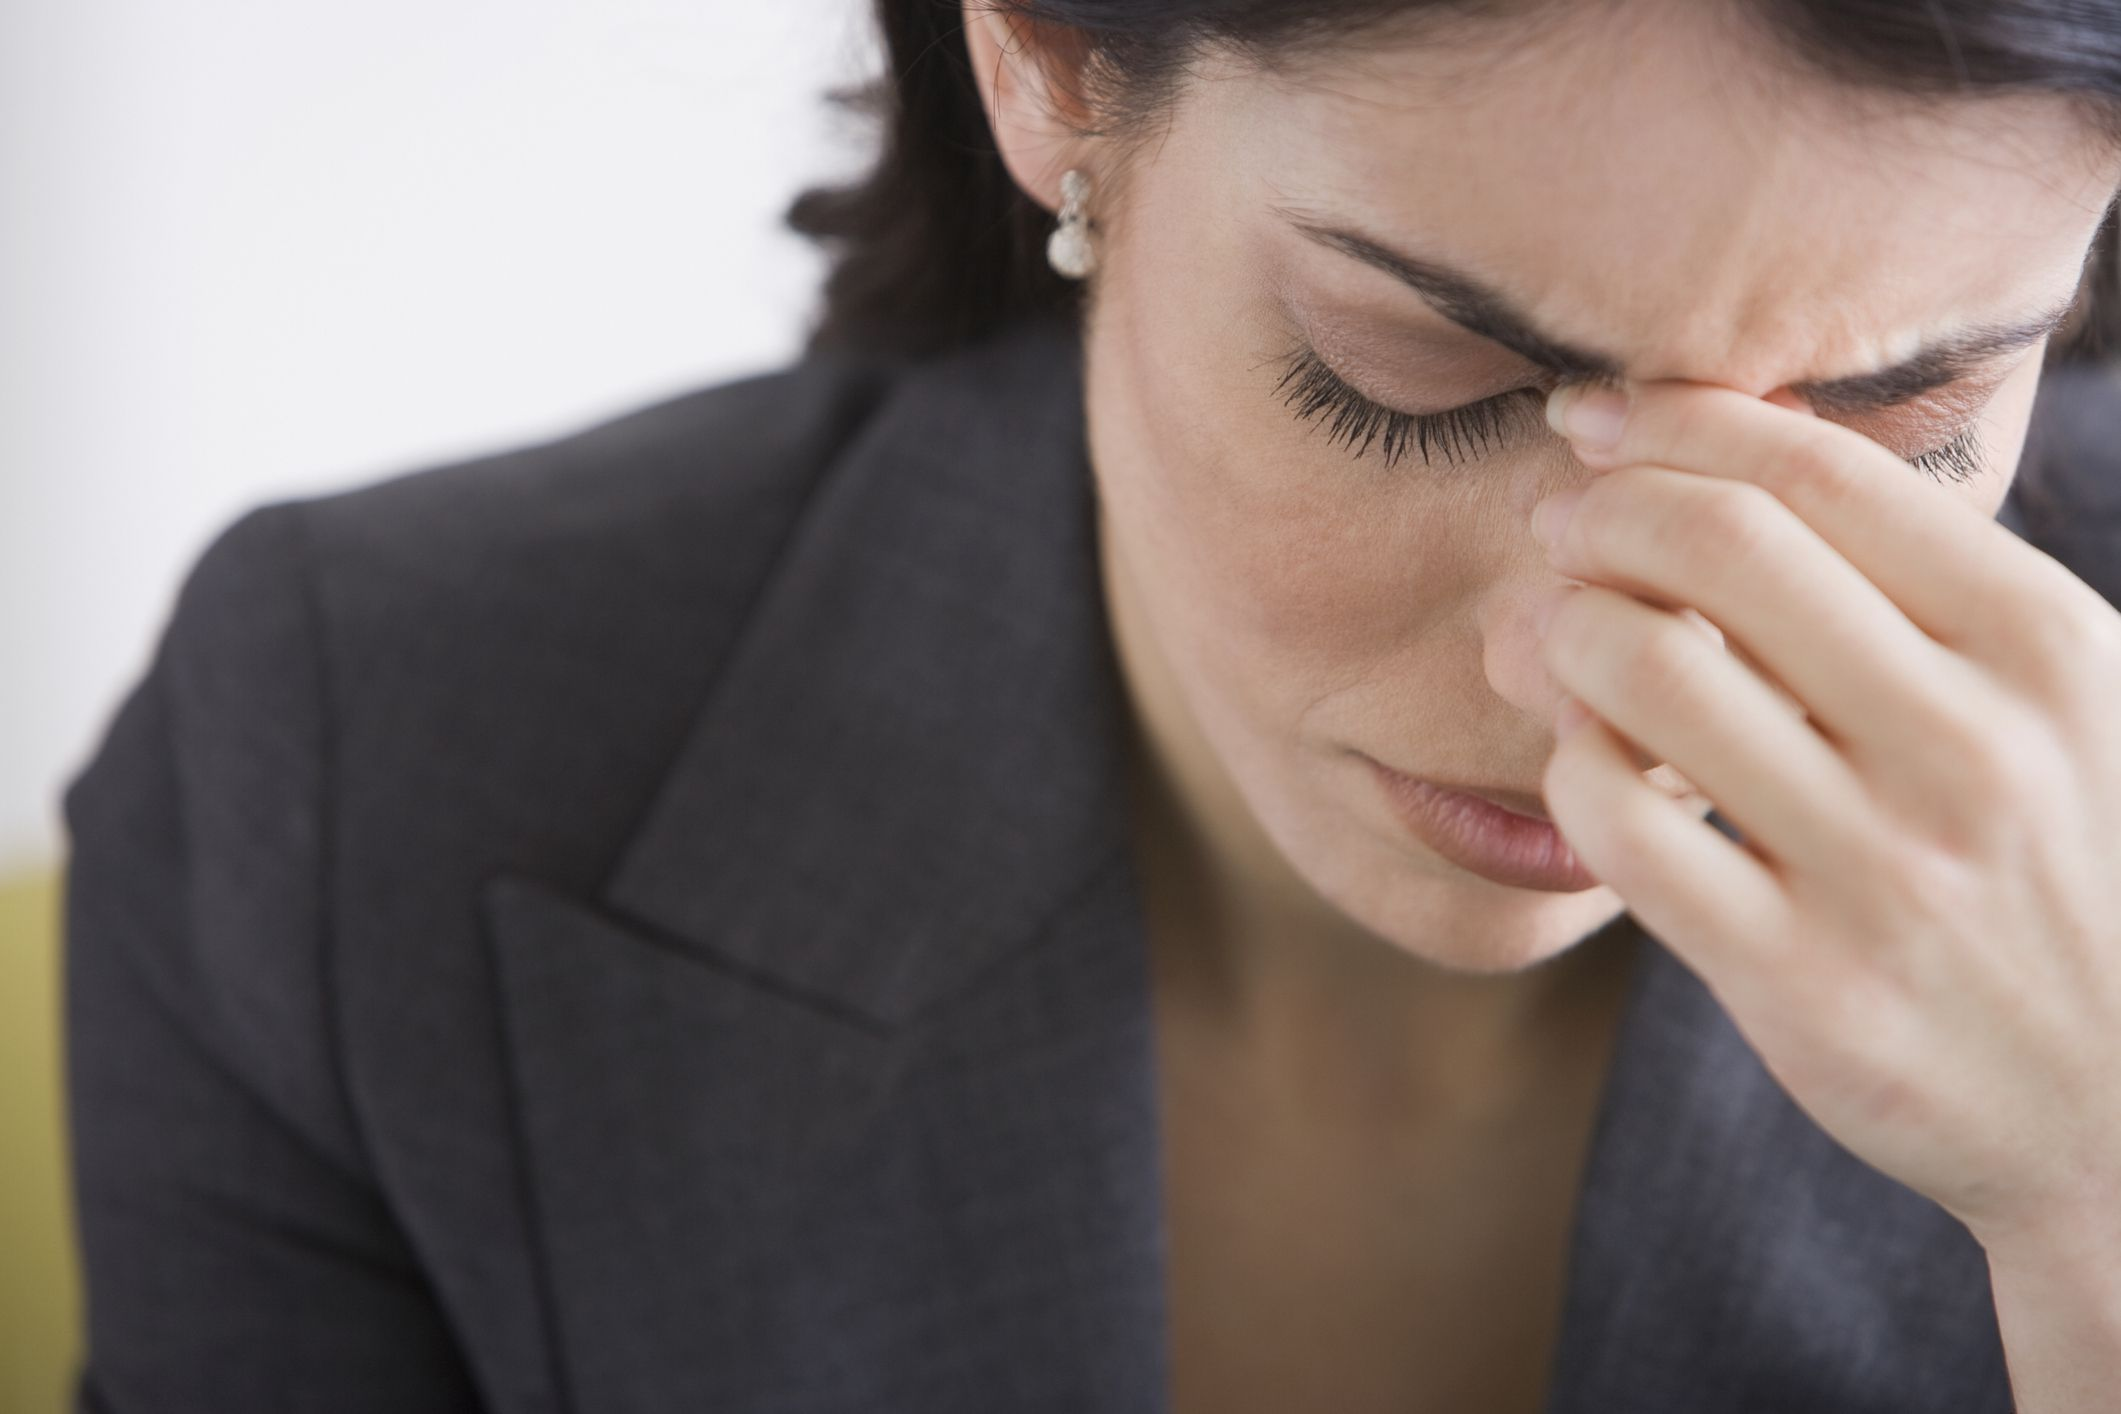 woman not feeling well